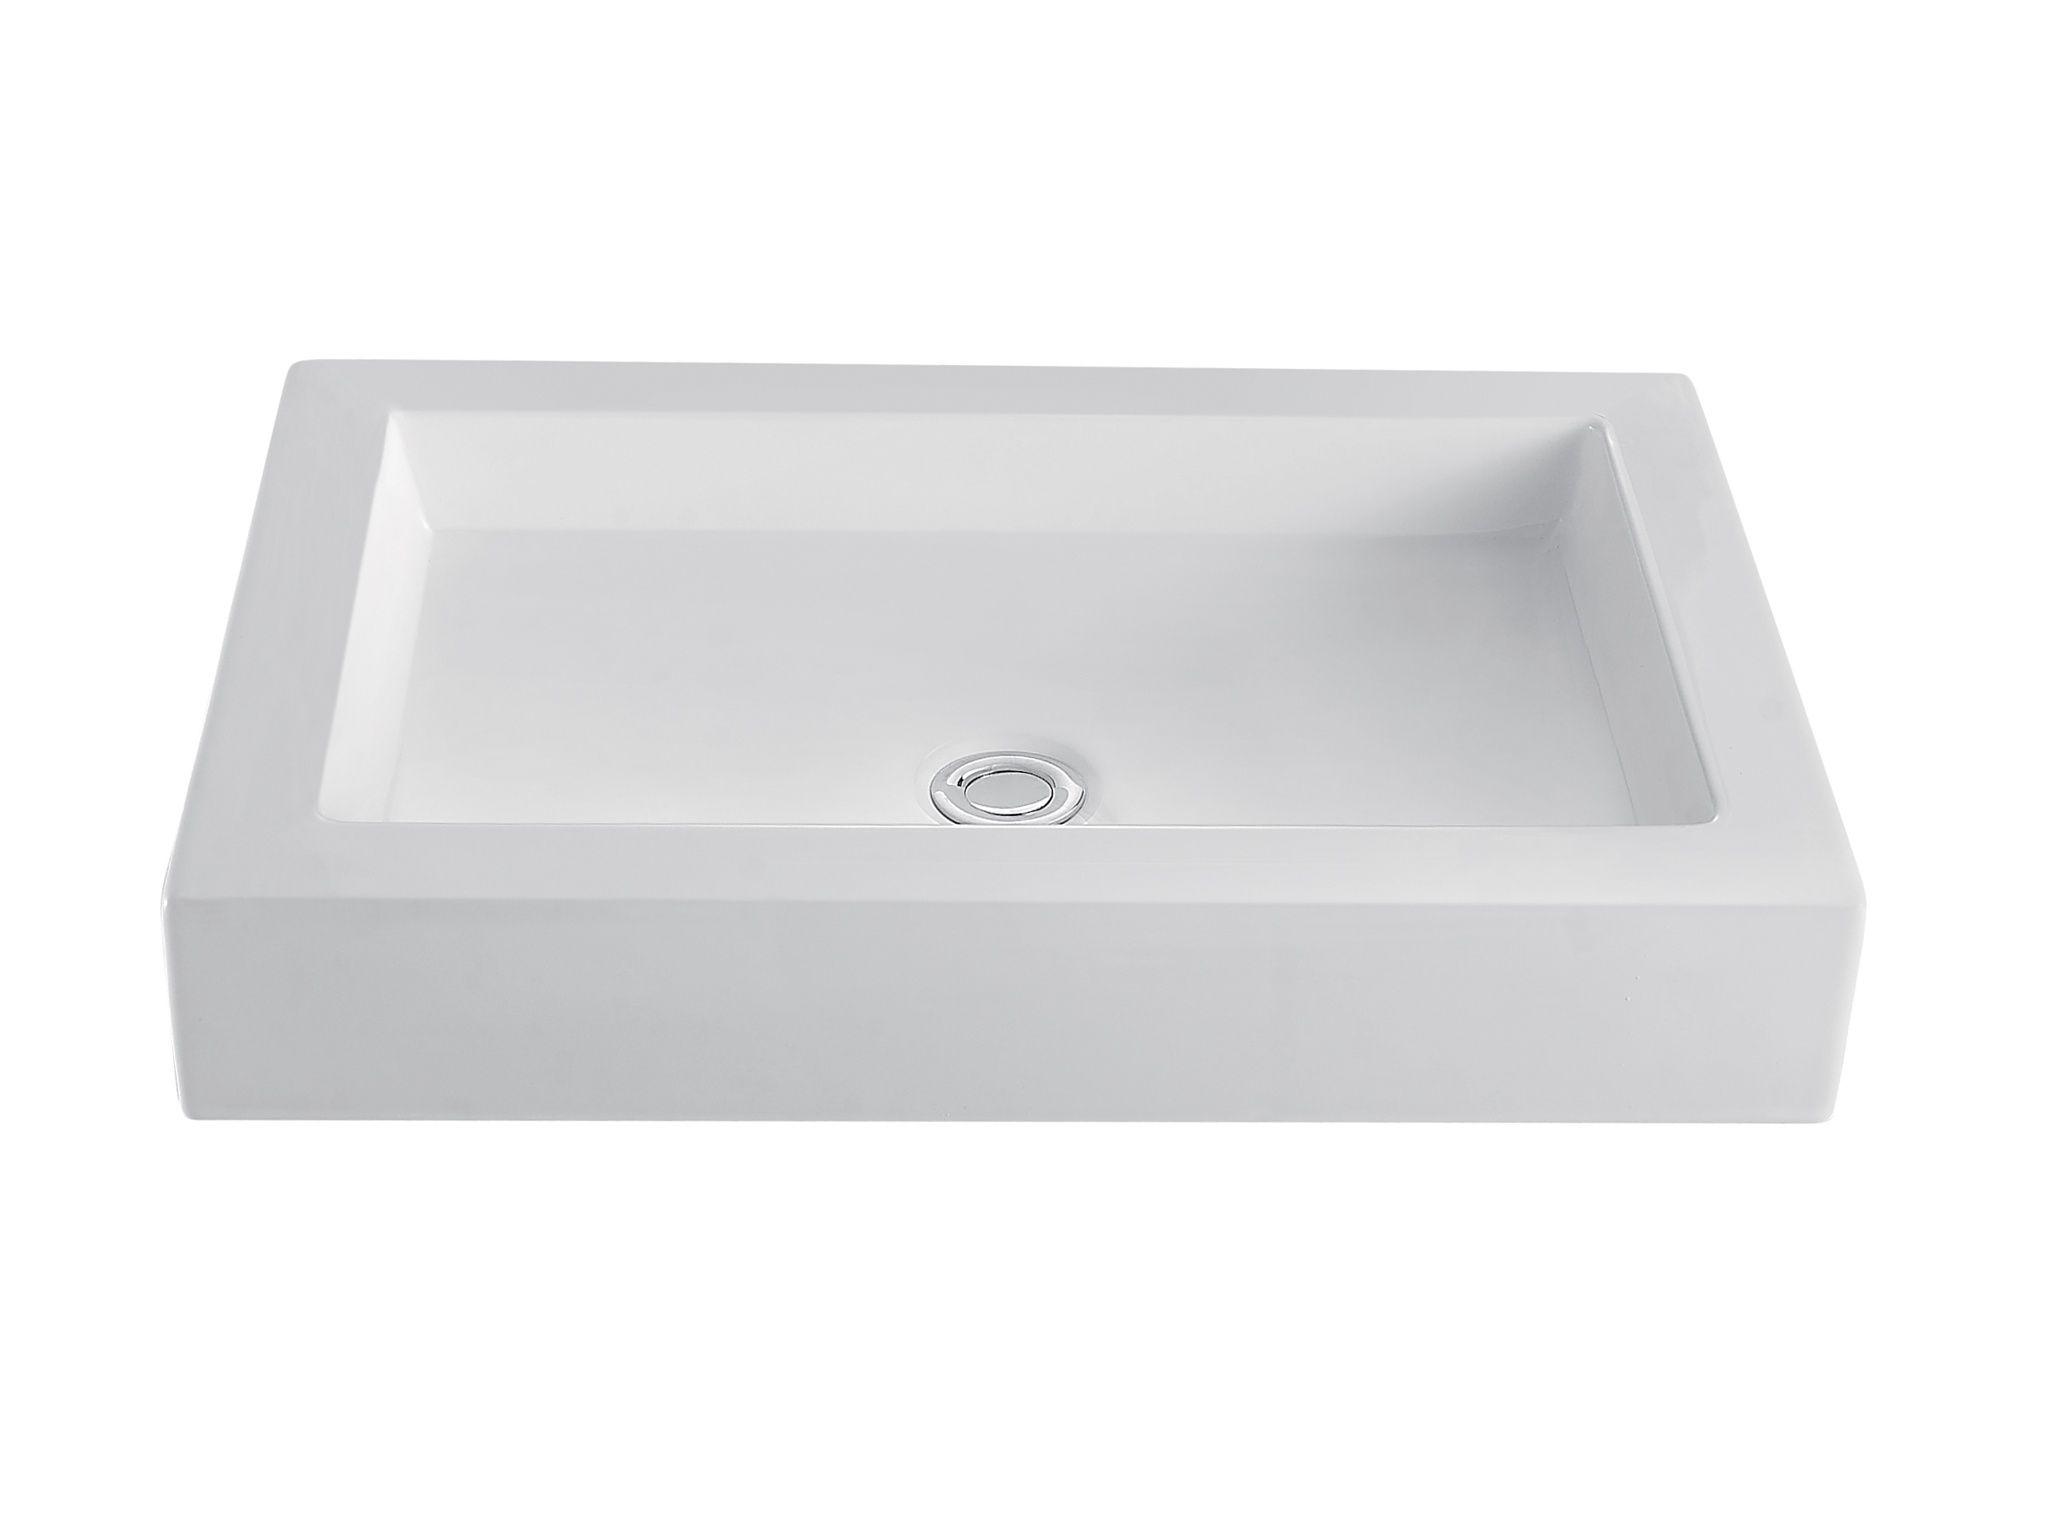 Muebles de Baño y Cocina Interceramic, este producto es de ...